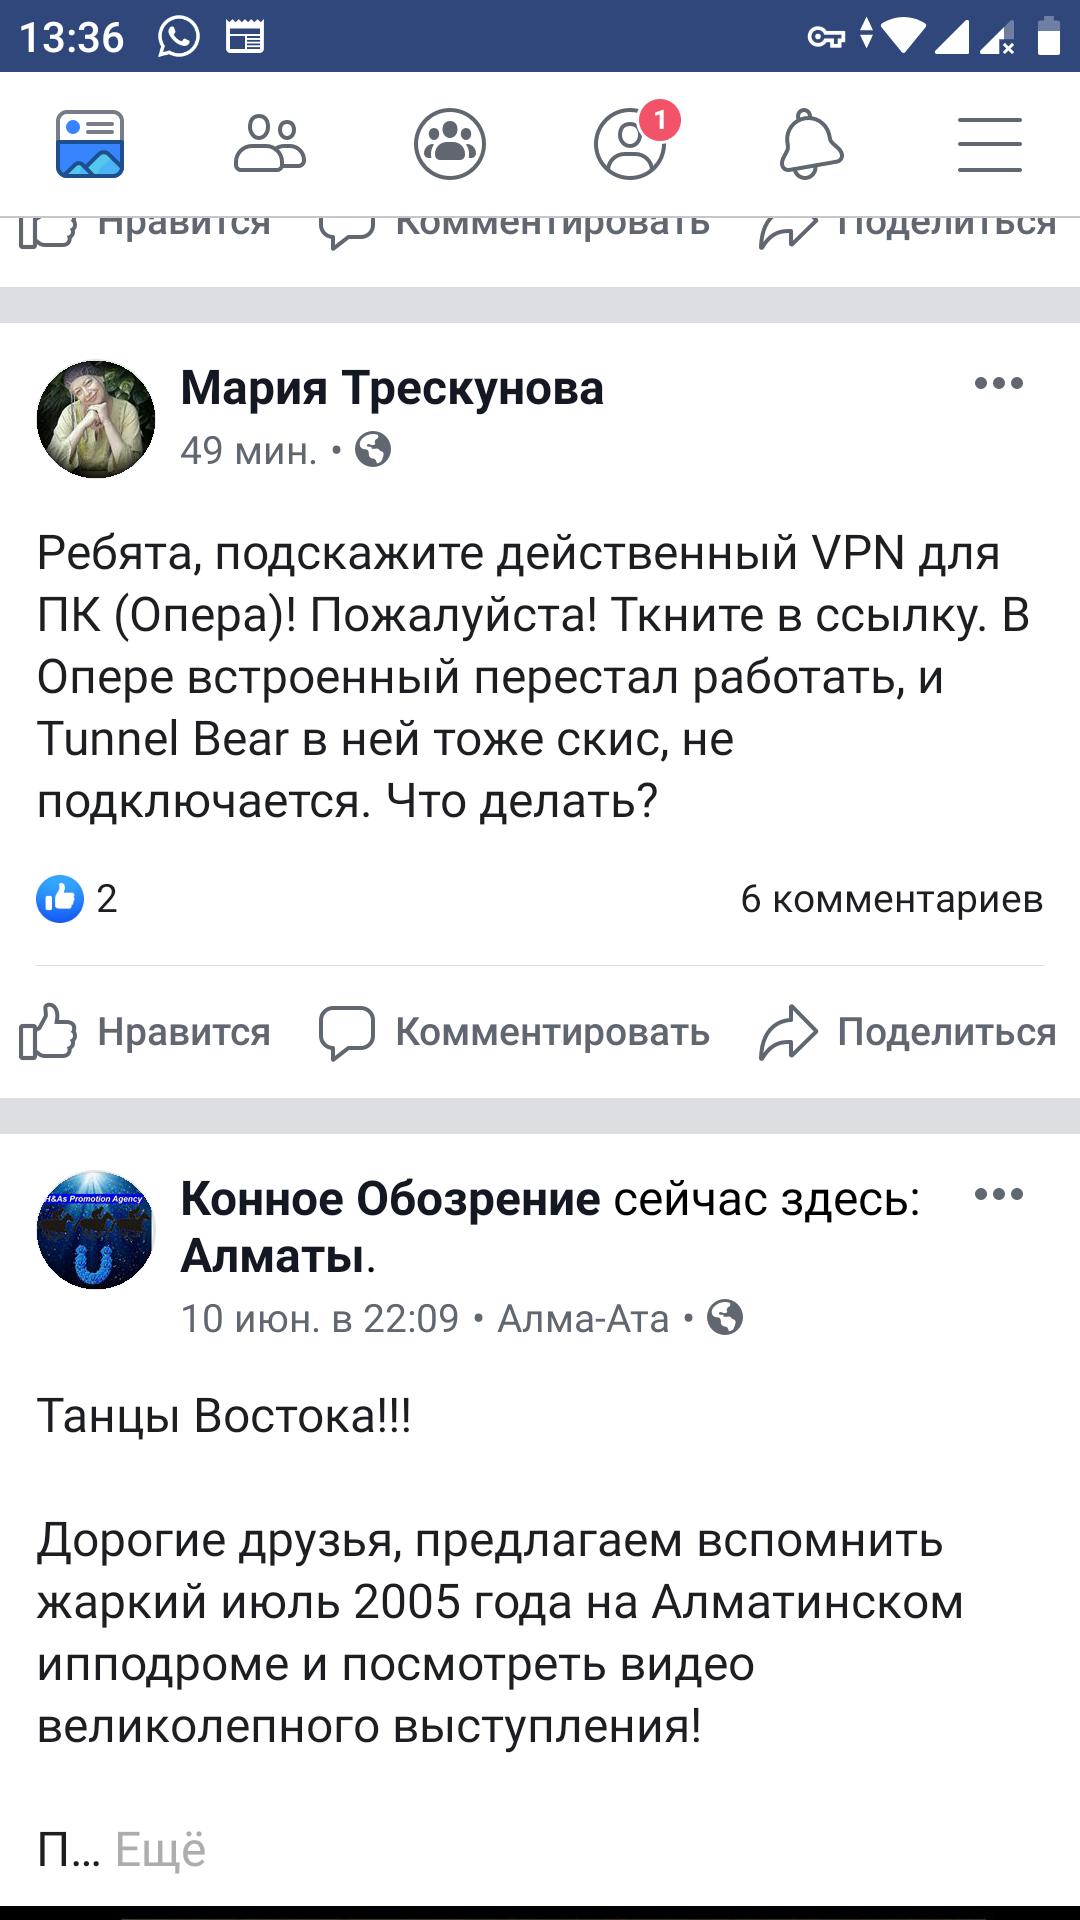 Жители Алматы снова испытывают проблемы с доступом к WhatsApp и соцсетям, фото-1